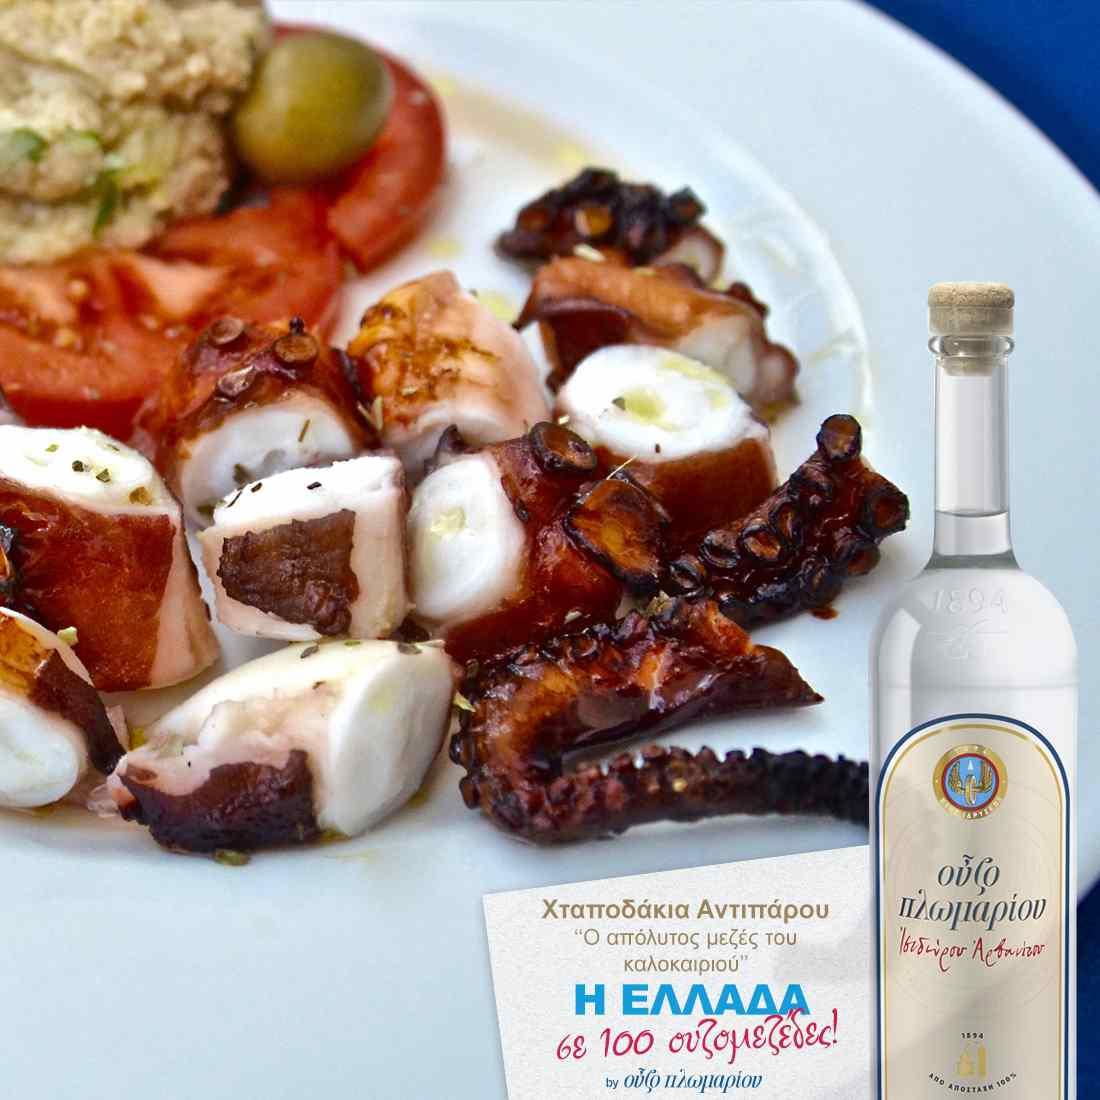 Χταποδάκι Αντιπάρου - Ουζομεζέδες - Greek Gastronomy Guide